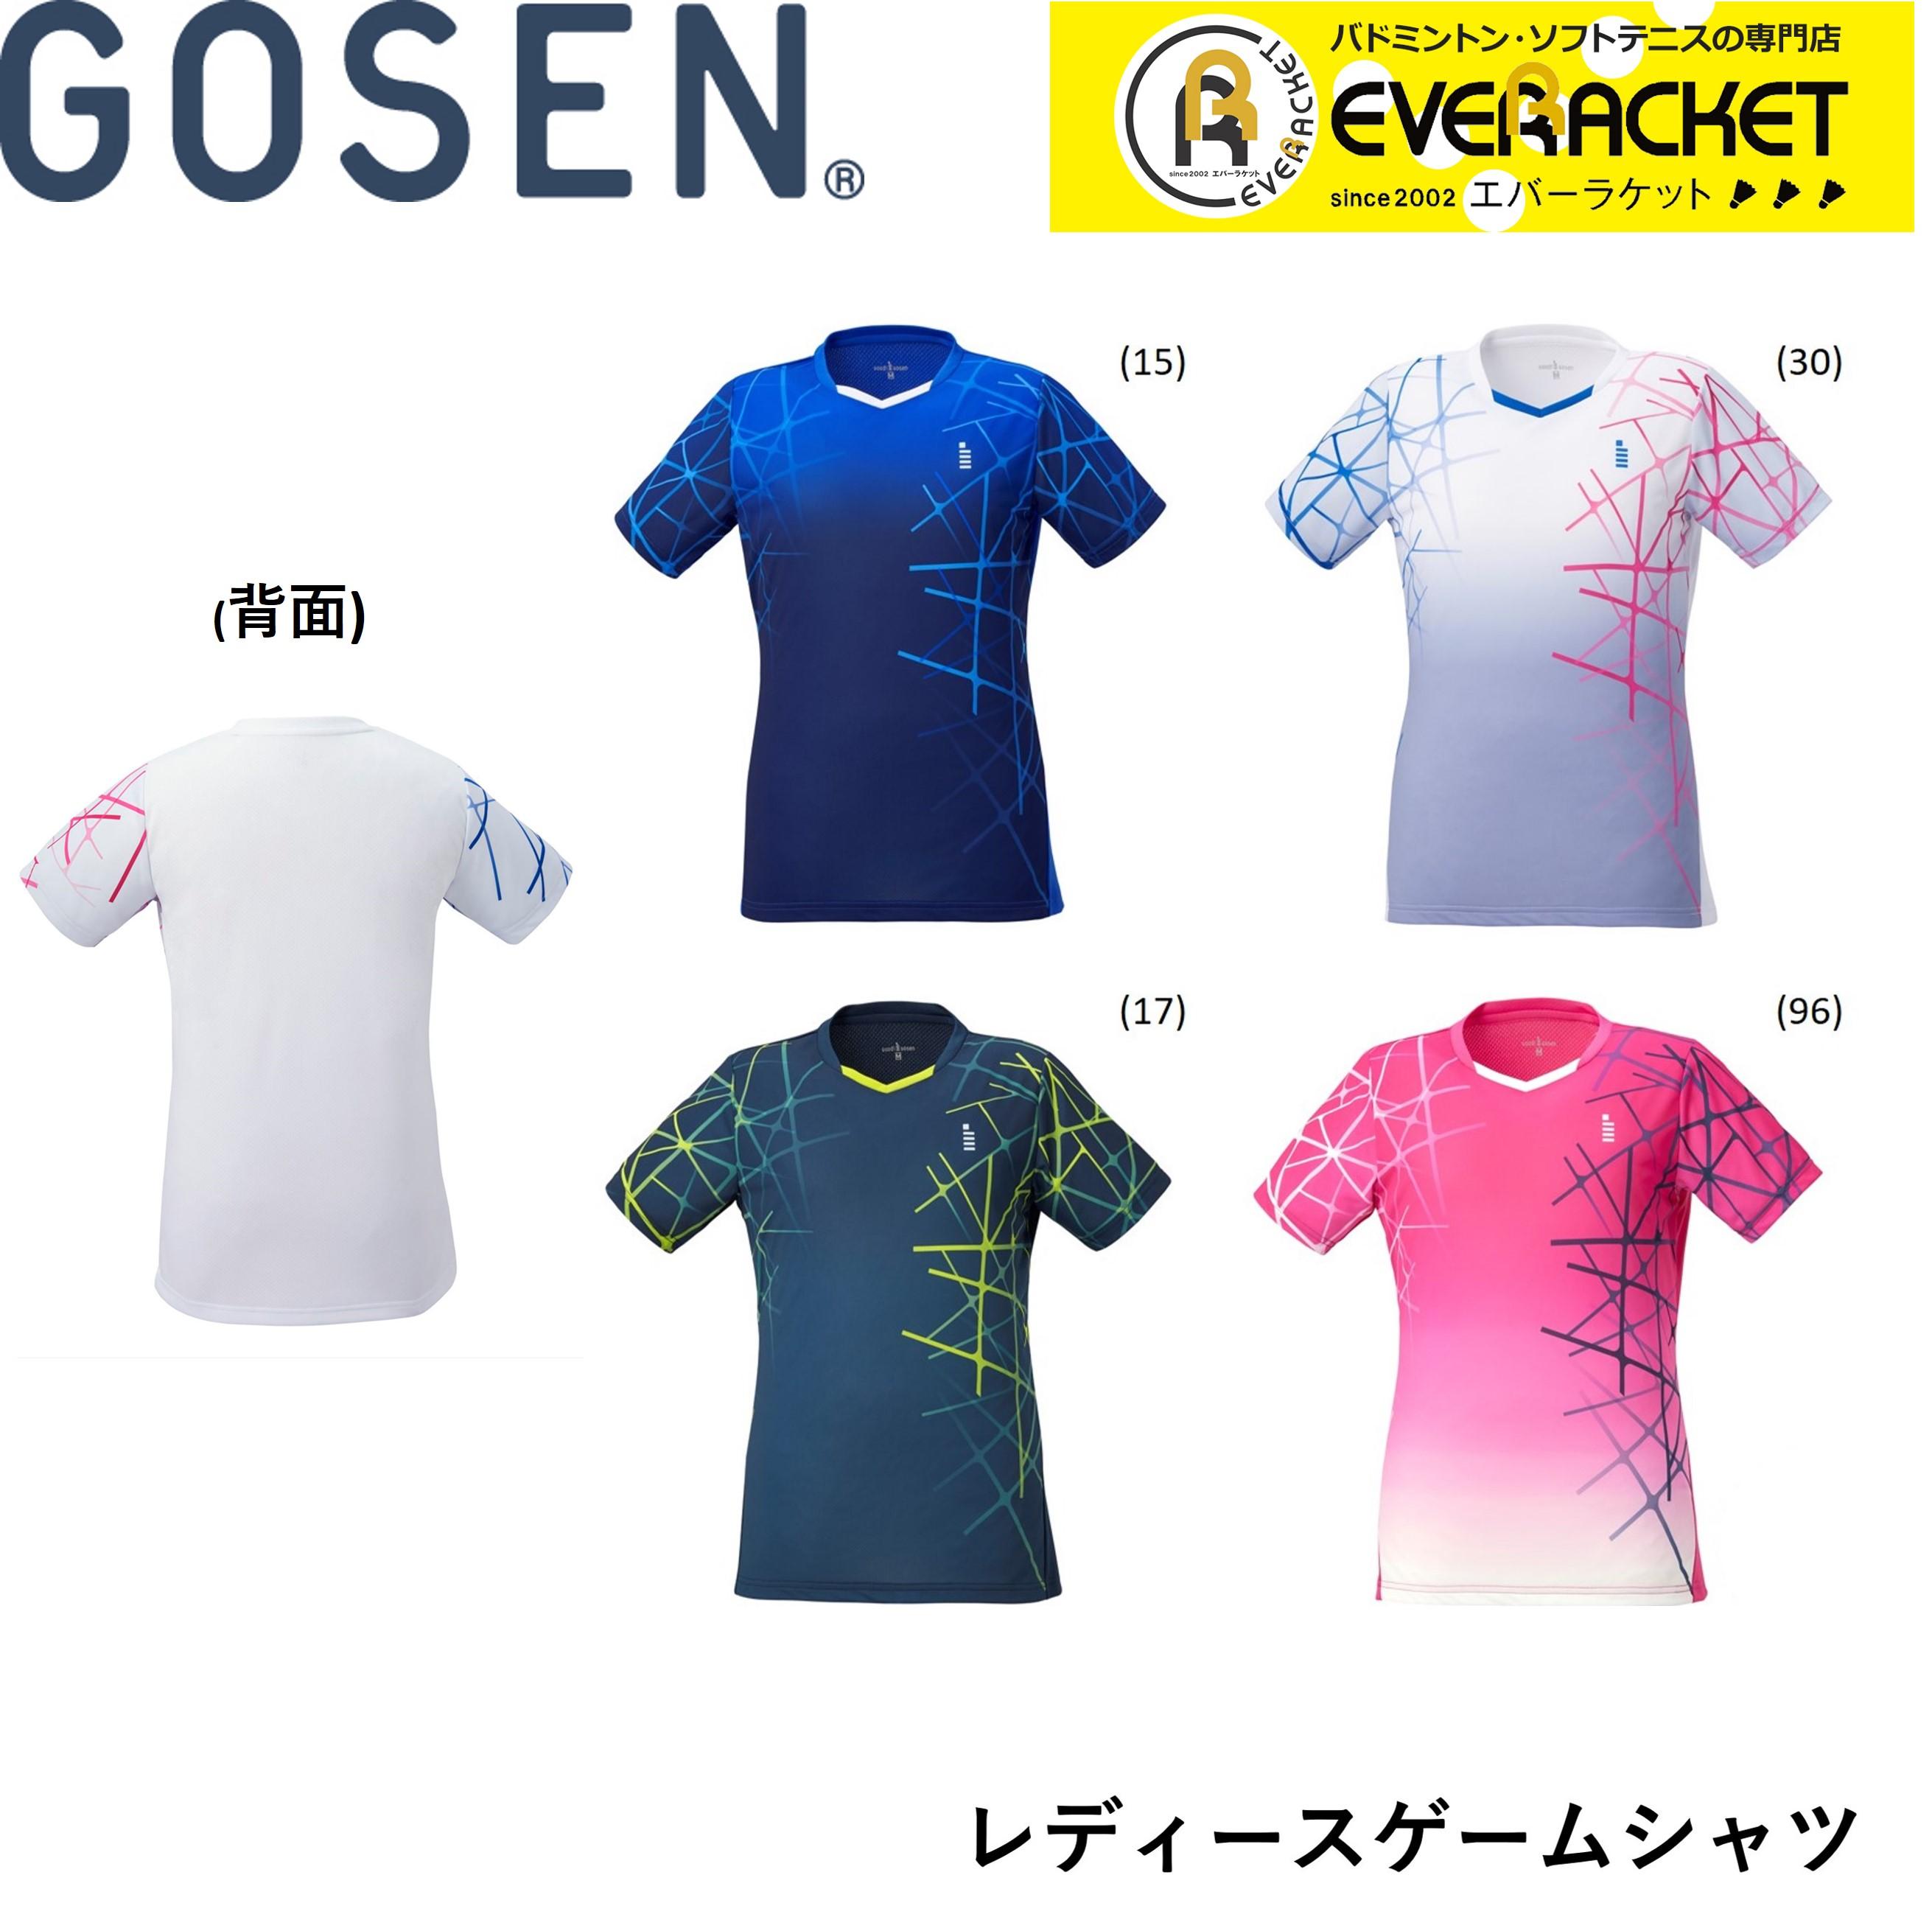 2020年 GOSEN:レディースゲームシャツ 誕生日/お祝い 期間限定特価品 在庫限り40%OFF ポスト投函送料無料 ゴーセン GOSEN バドミントン ウエア T2043 テニス レディースゲームシャツ